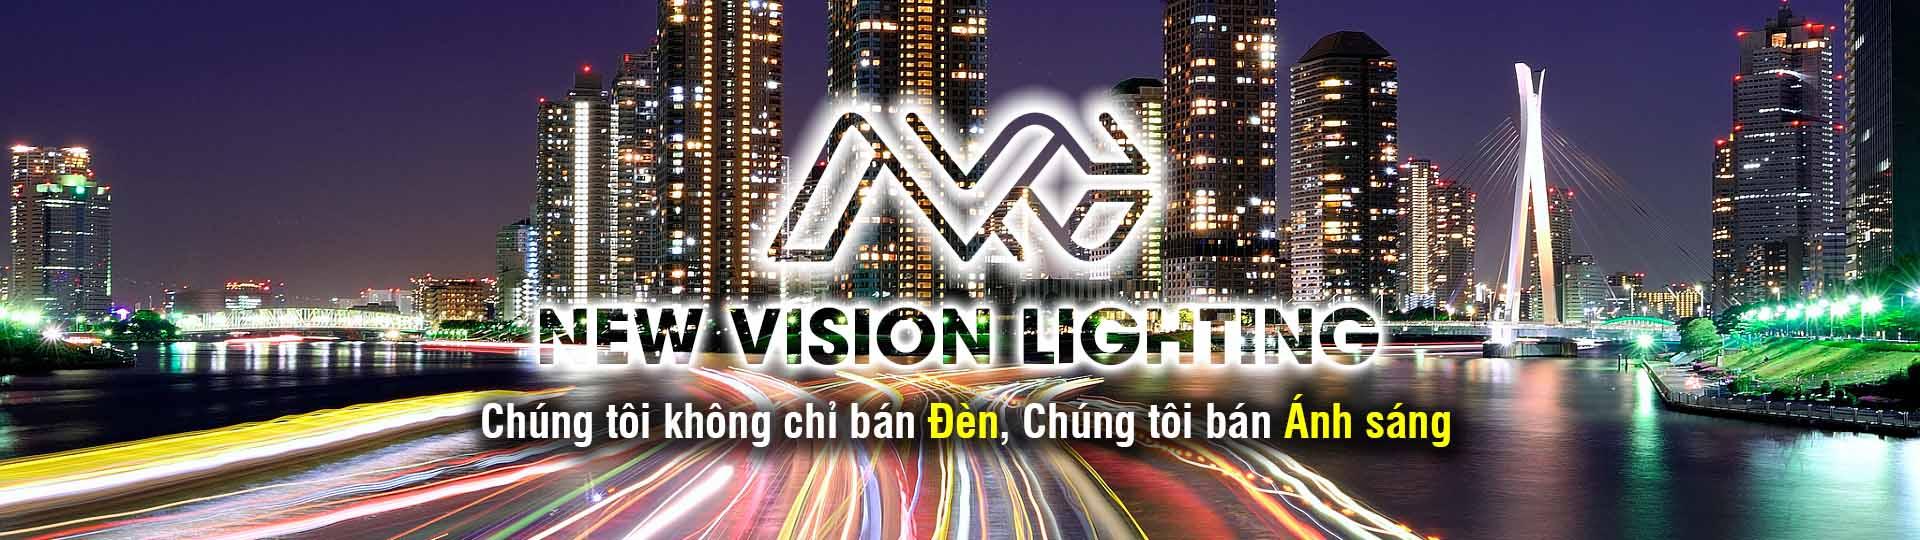 New Vision Lighting - Chúng tôi không chỉ bán Đèn, Chúng tôi bán Ánh sáng